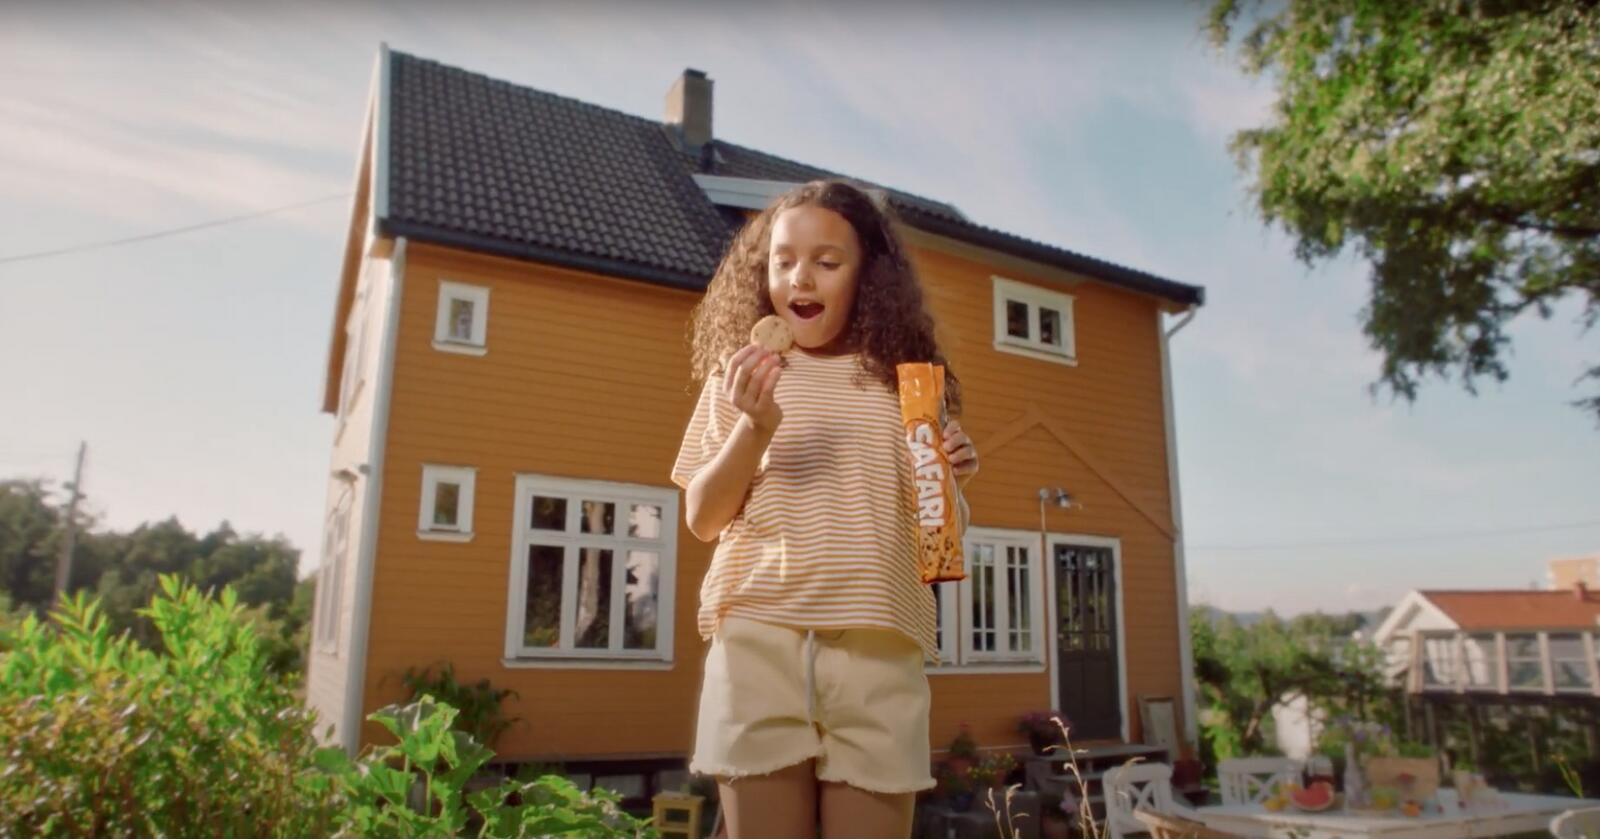 Bildet er hentet fra reklamefilmen som MFU mener er rettet mot barn. Foto: MFU